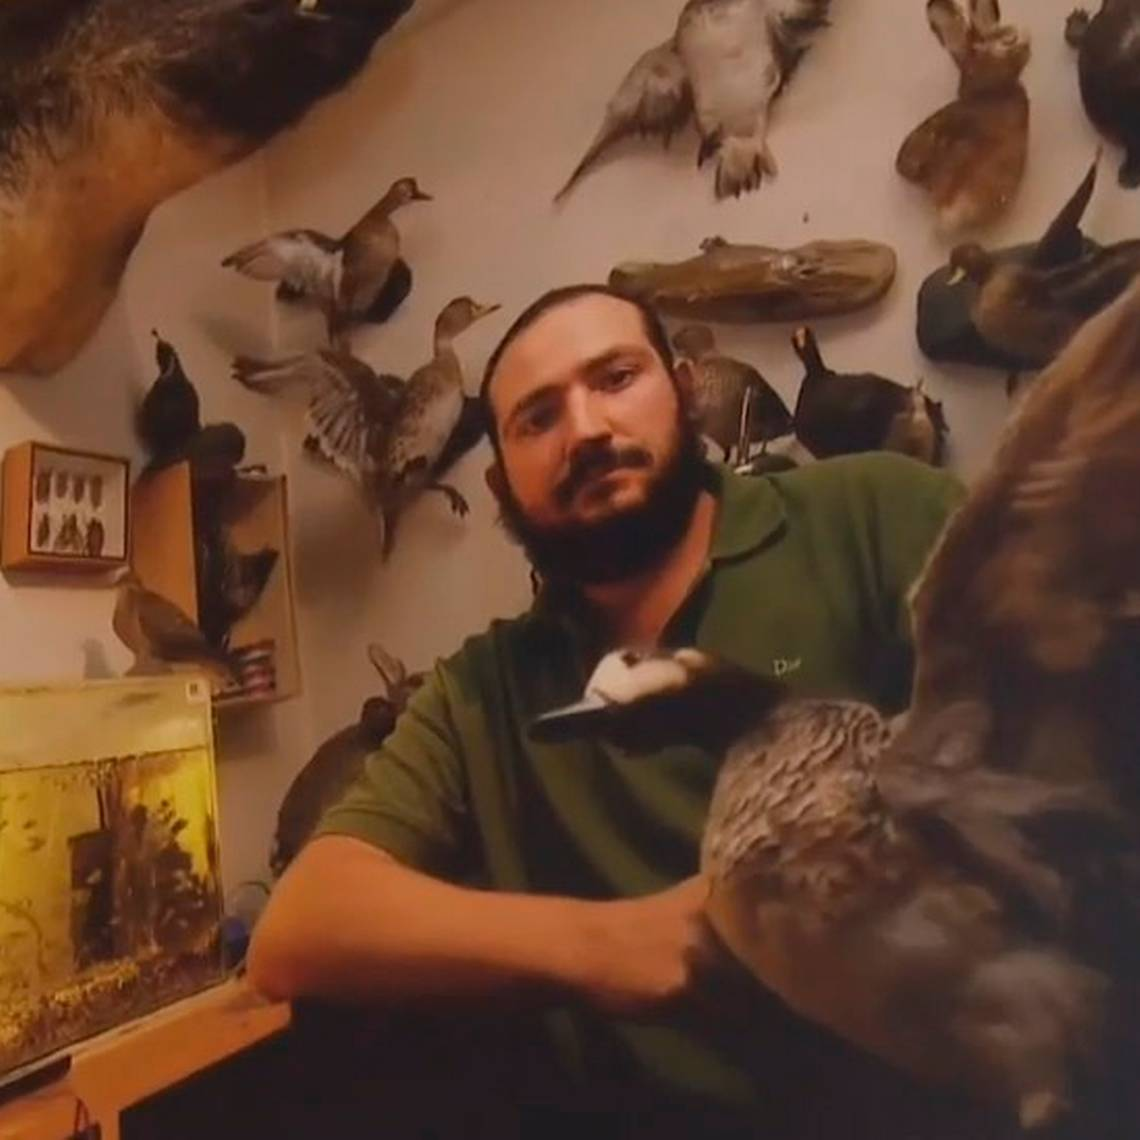 Miguel vive con más de 200 animales embalsamados